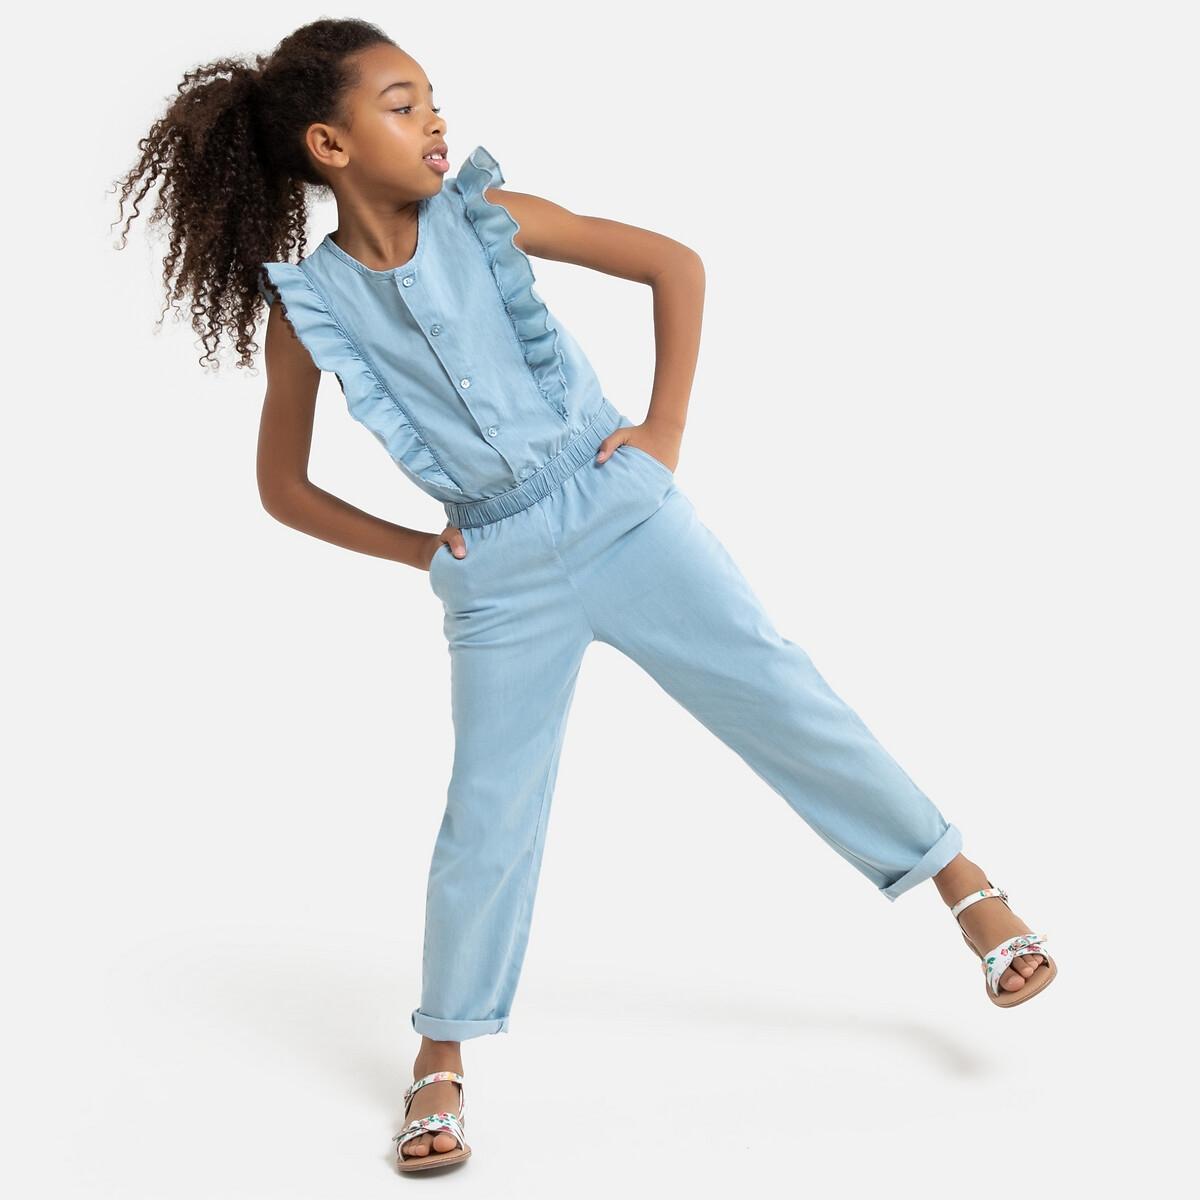 Комбинезон LaRedoute Из тонкой джинсовой ткани 3-12 лет 10 лет - 138 см синий